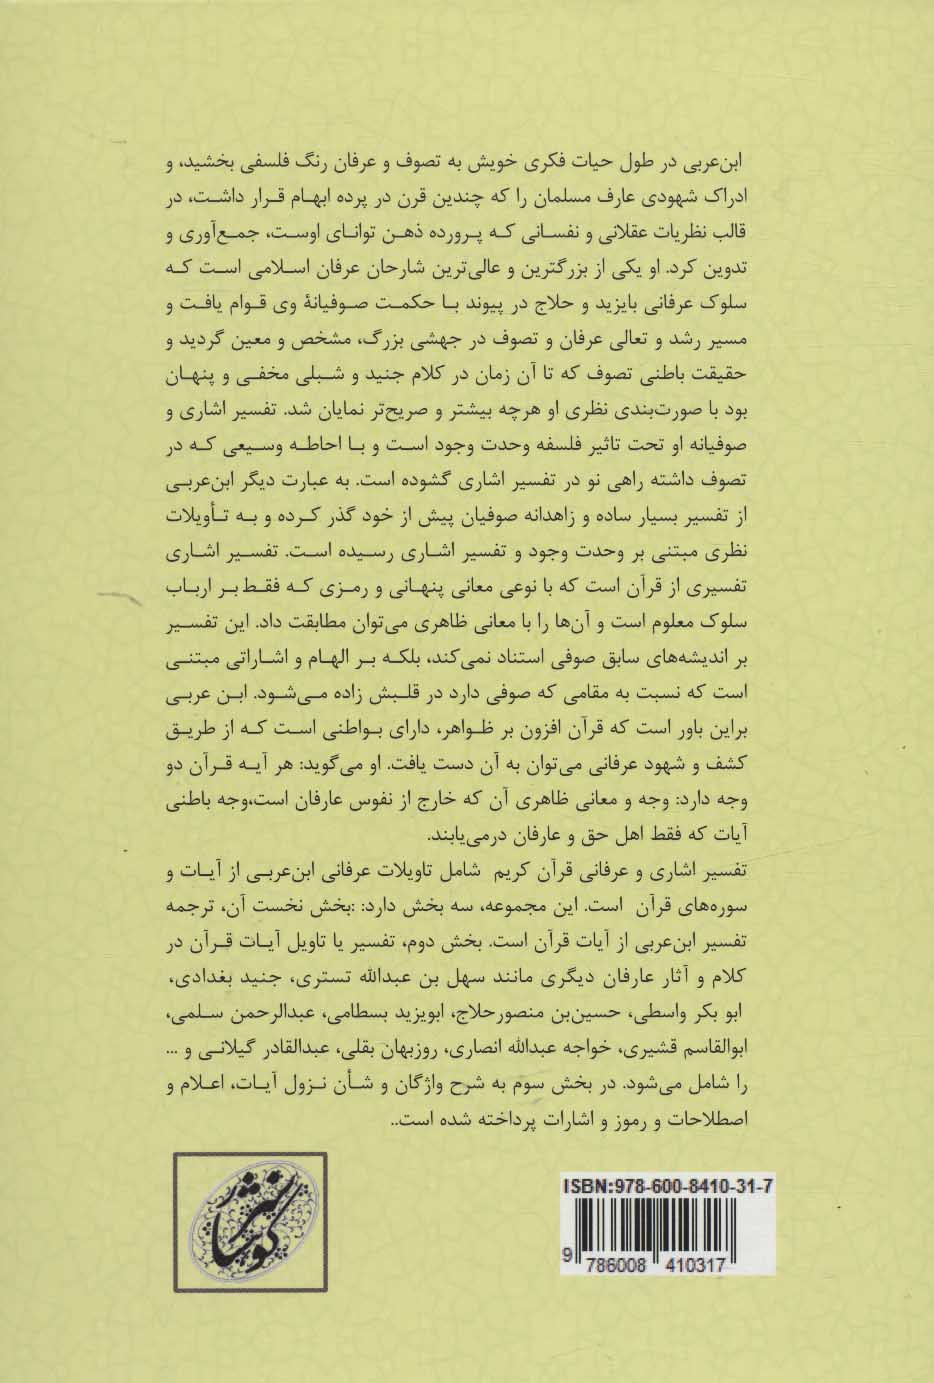 رحمه من الرحمن تفسیر اشاری و عرفانی قرآن 1(حمد-بقره،آیات31-1)